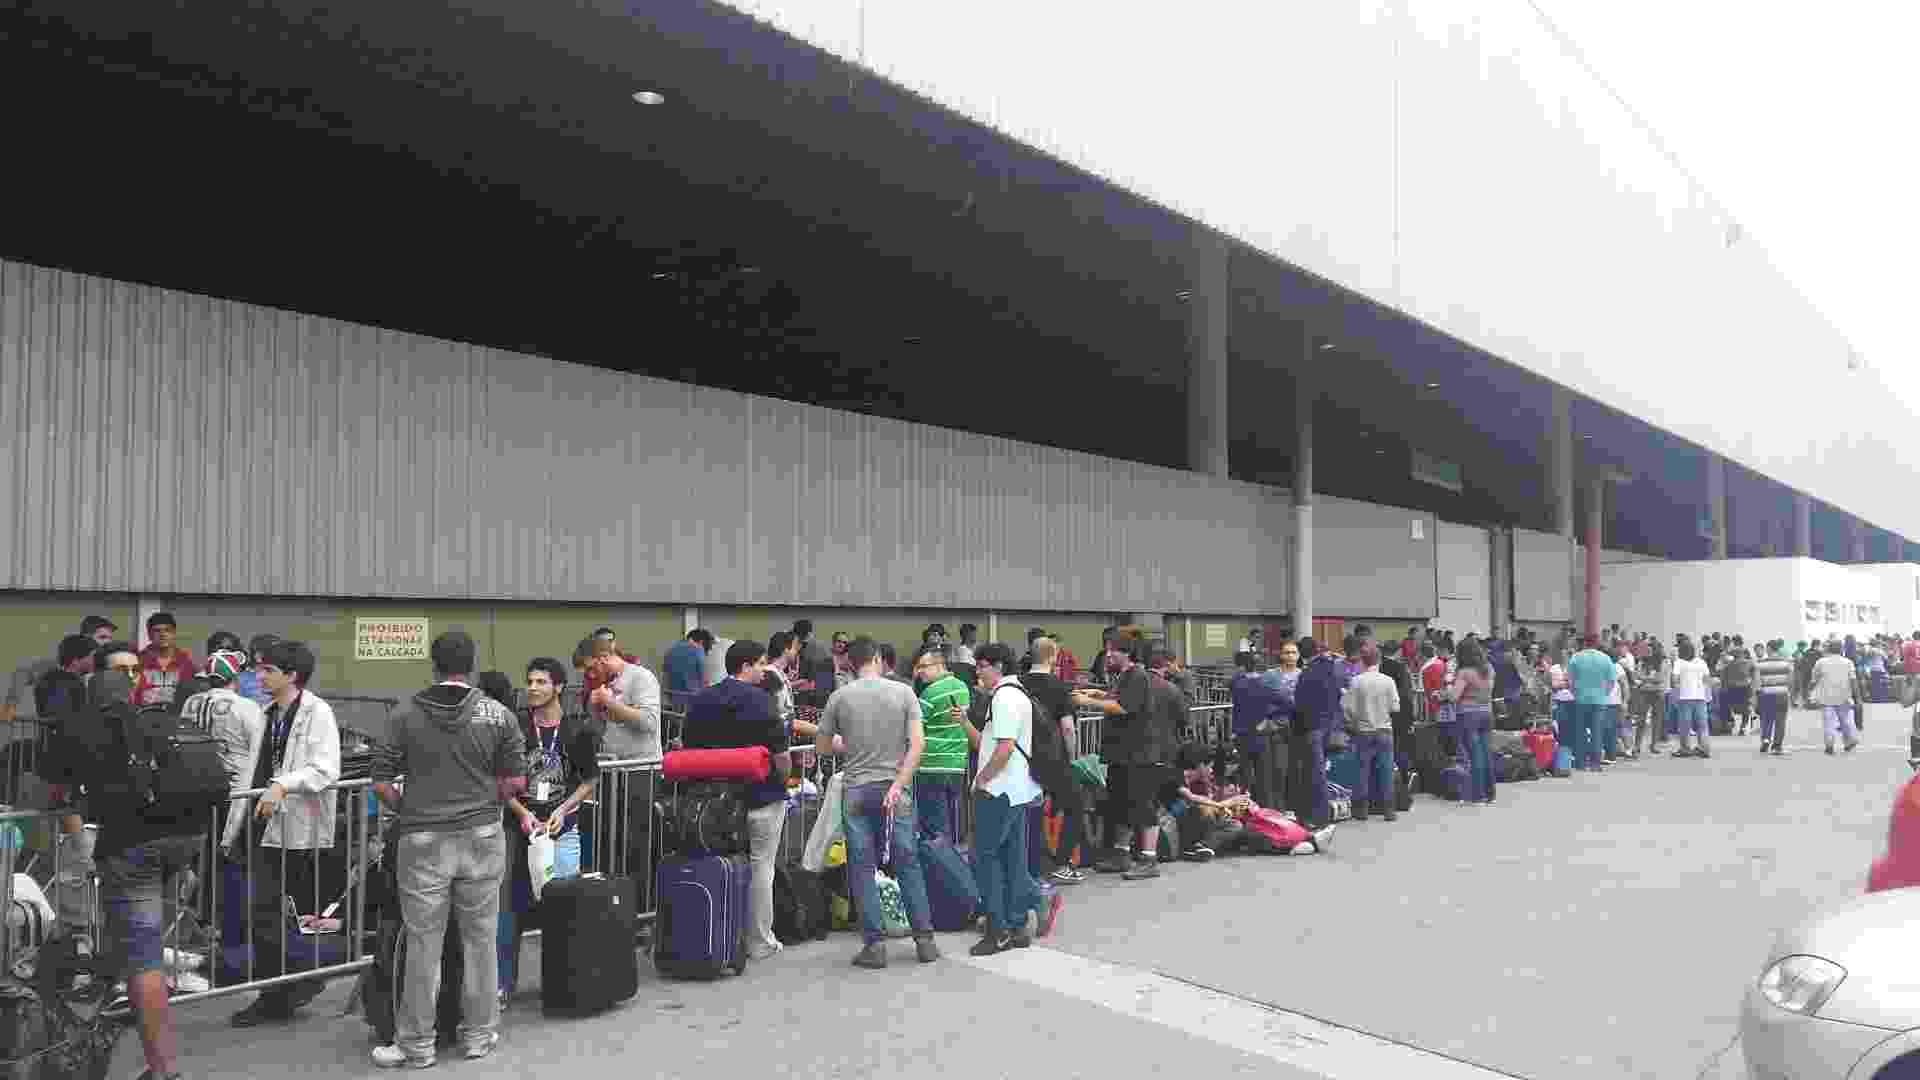 28.jan.2013 - Como já é tradição, os participantes da Campus Party em São Paulo fazem fila no dia da abertura do evento. Feira será realizada até dia 3 de fevereiro no  Anhembi Parque - Flávio Carneiro/UOL